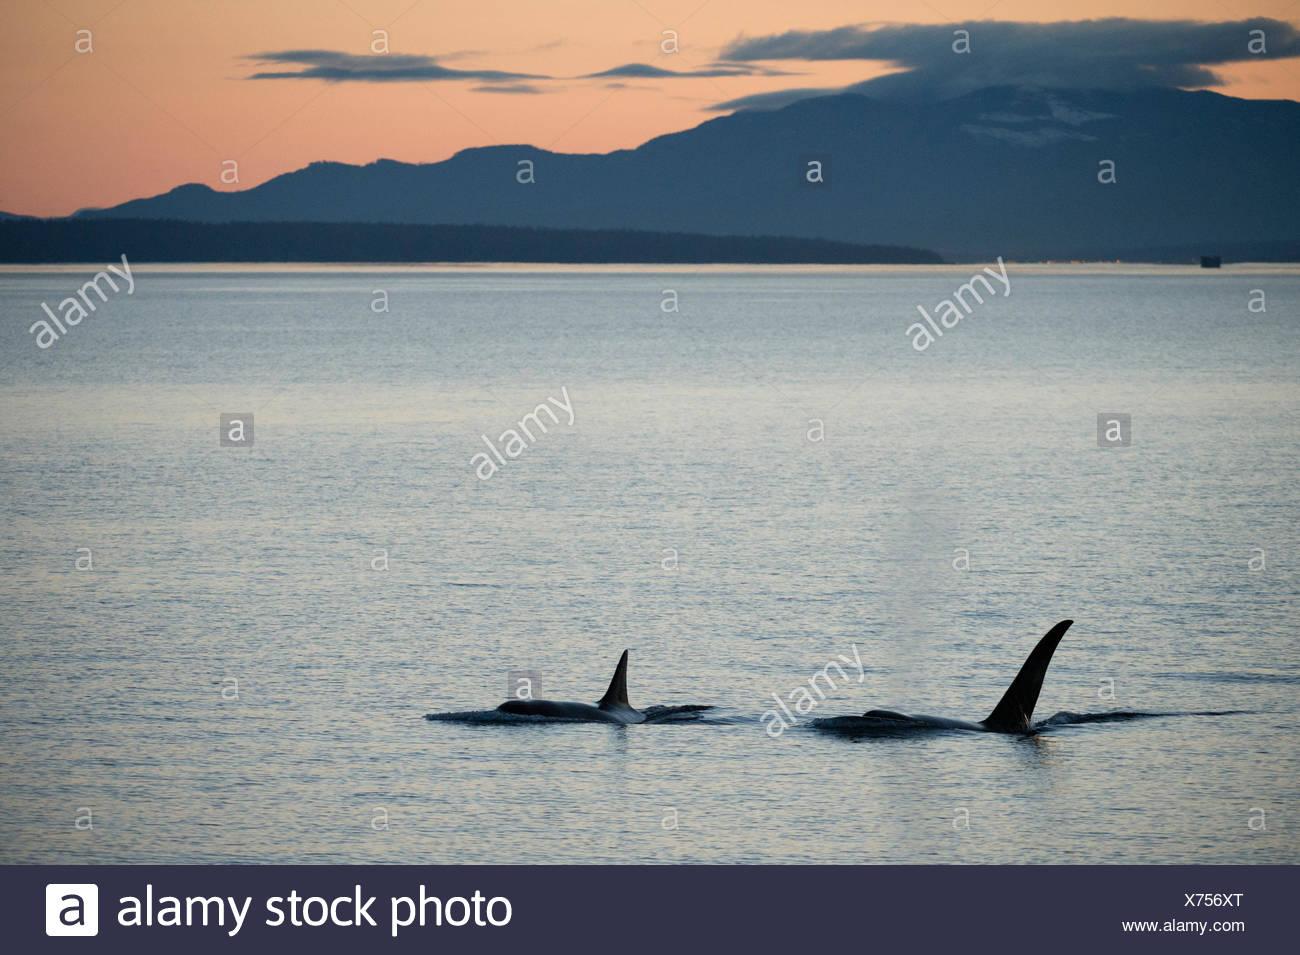 Dos ballenas asesinas en el pasaje interior, British Columbia, Canadá. Imagen De Stock